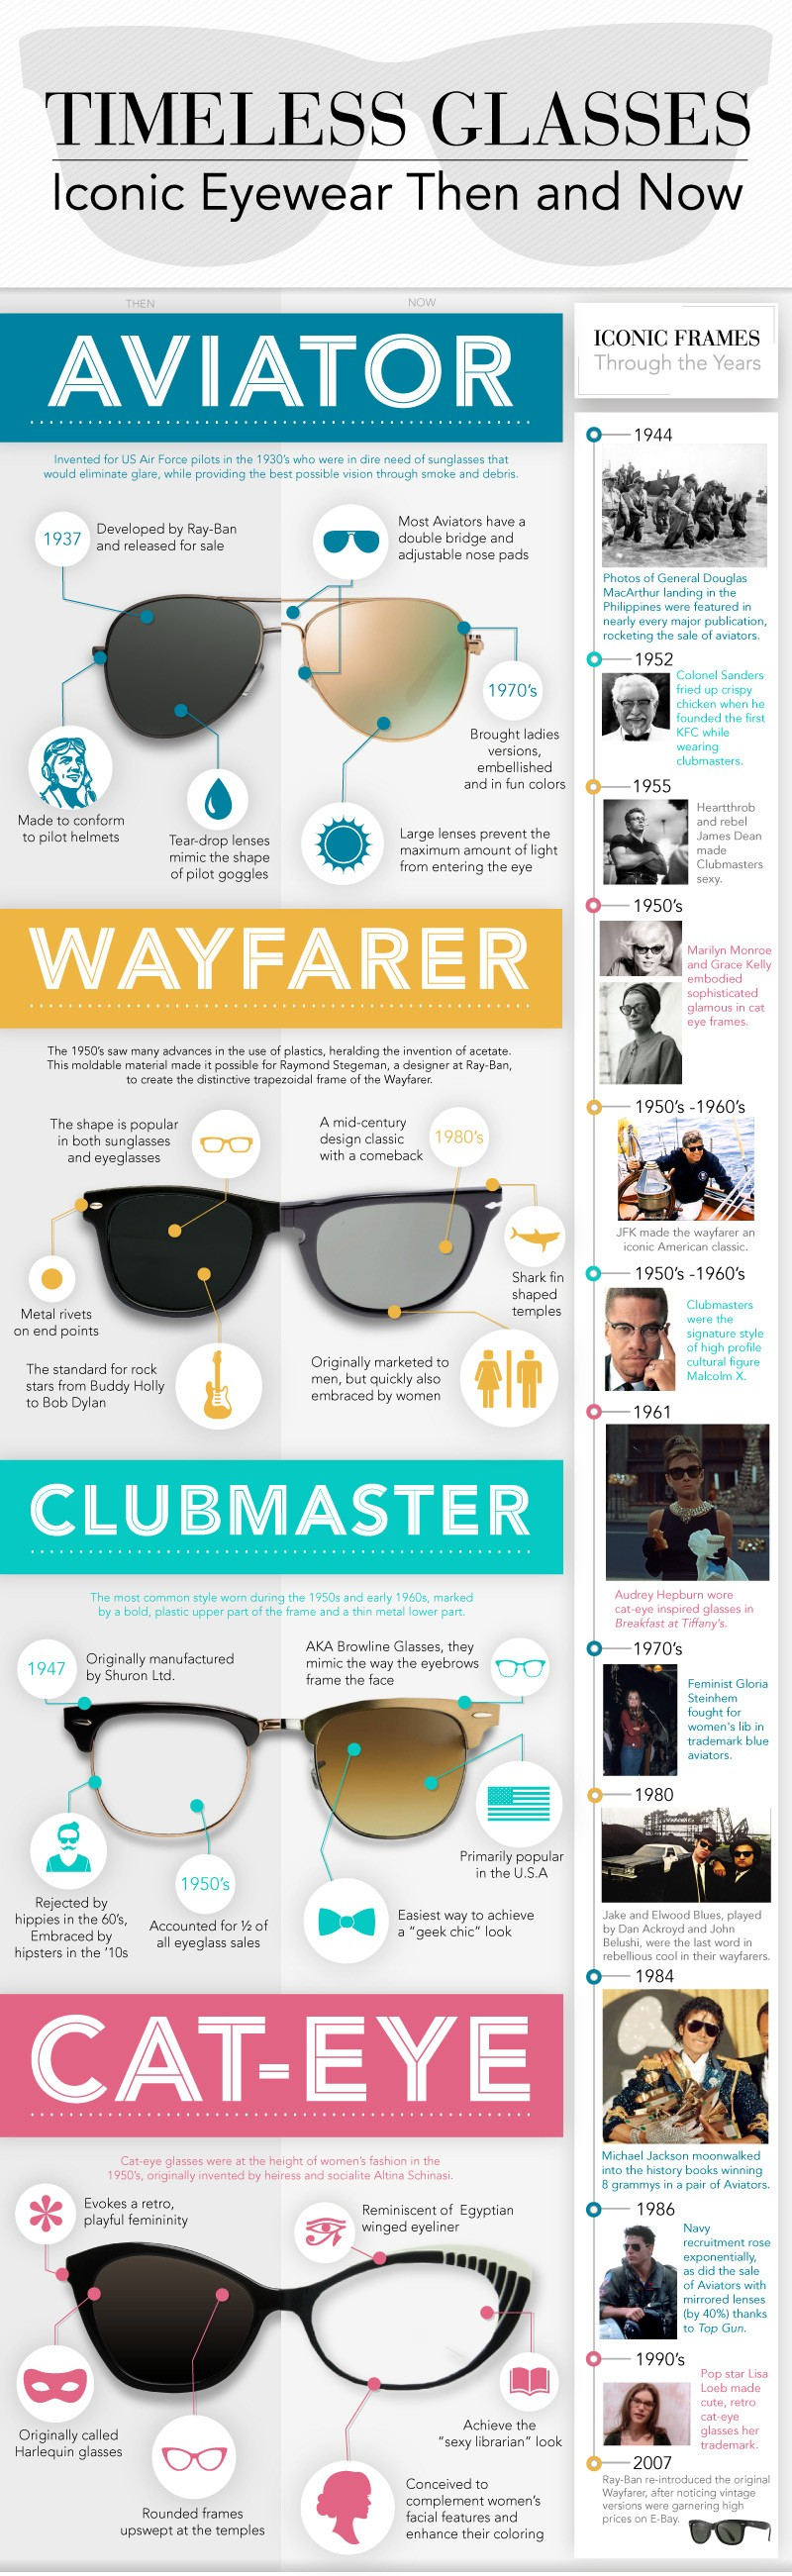 timelessglasses-infographic